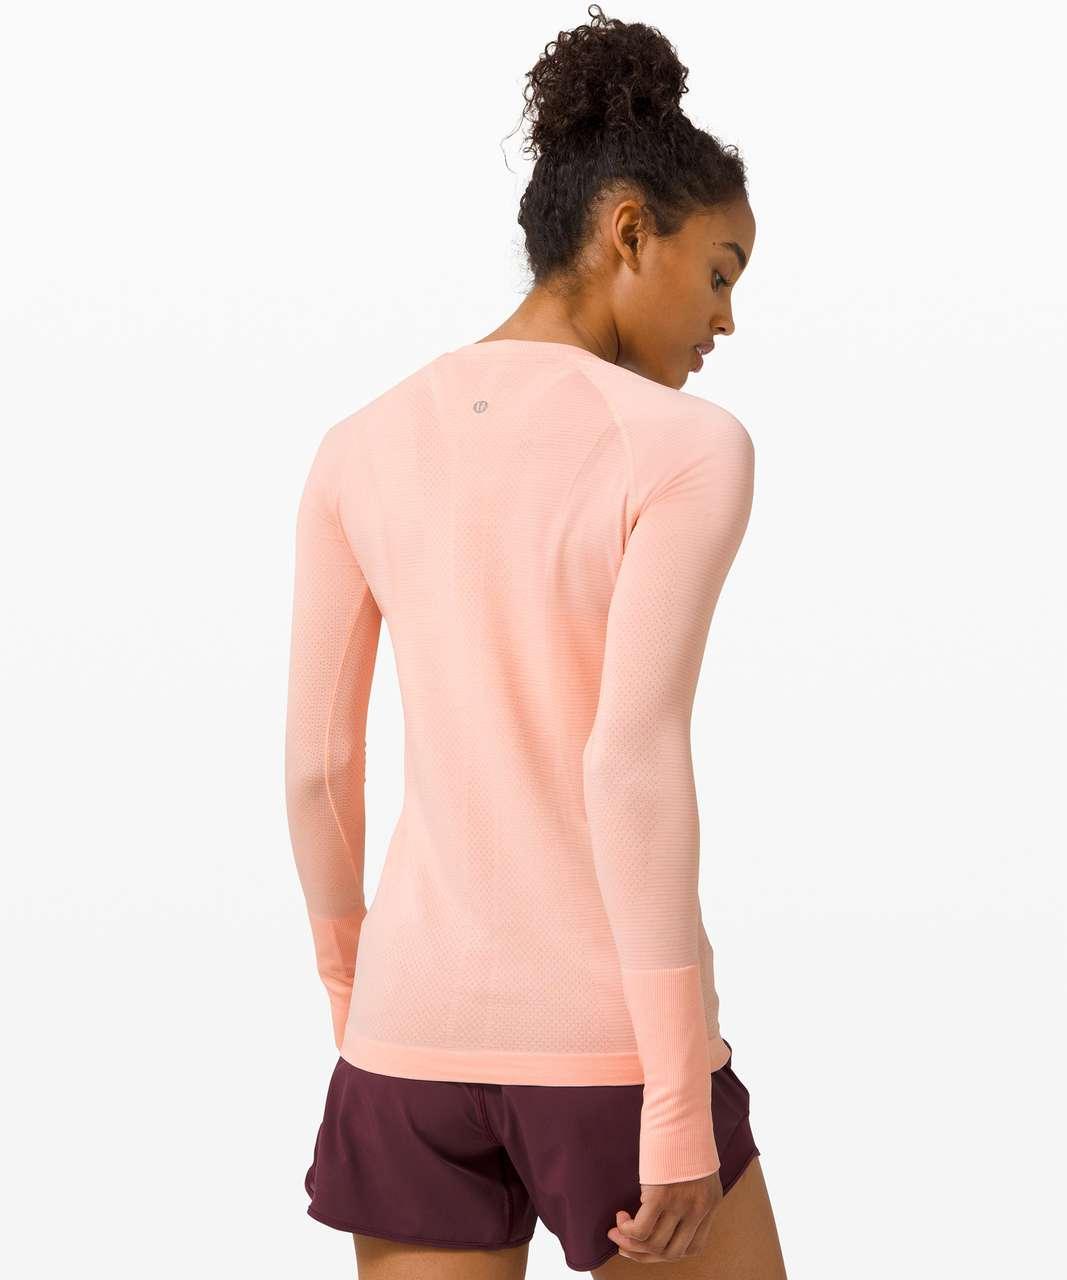 Lululemon Swiftly Tech Long Sleeve 2.0 - Ballet Slipper / White